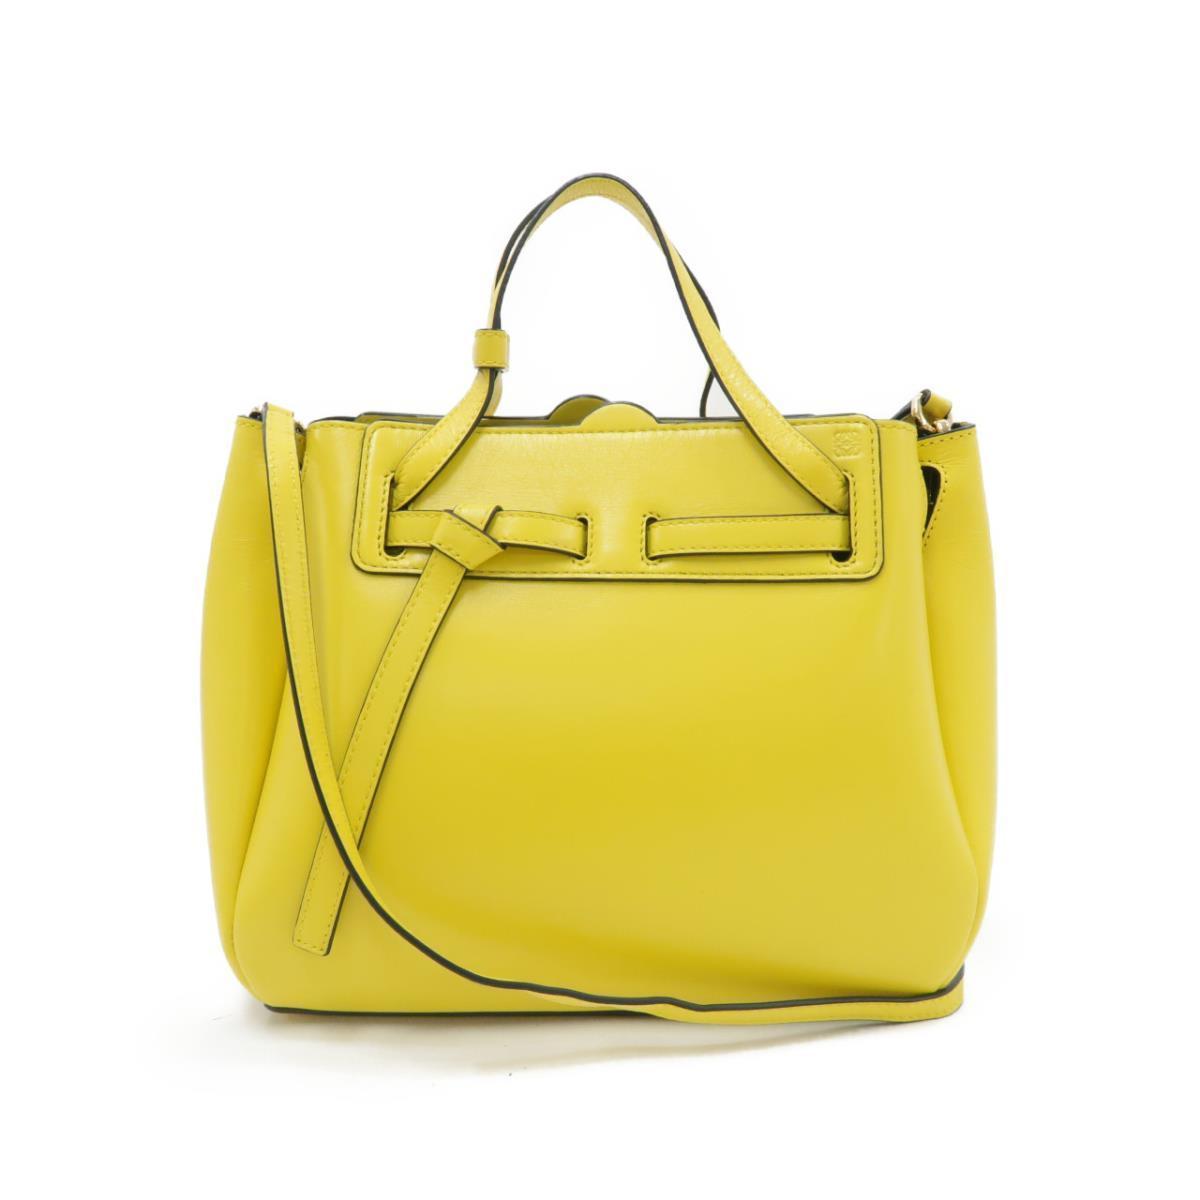 黄色のラゾの商品画像